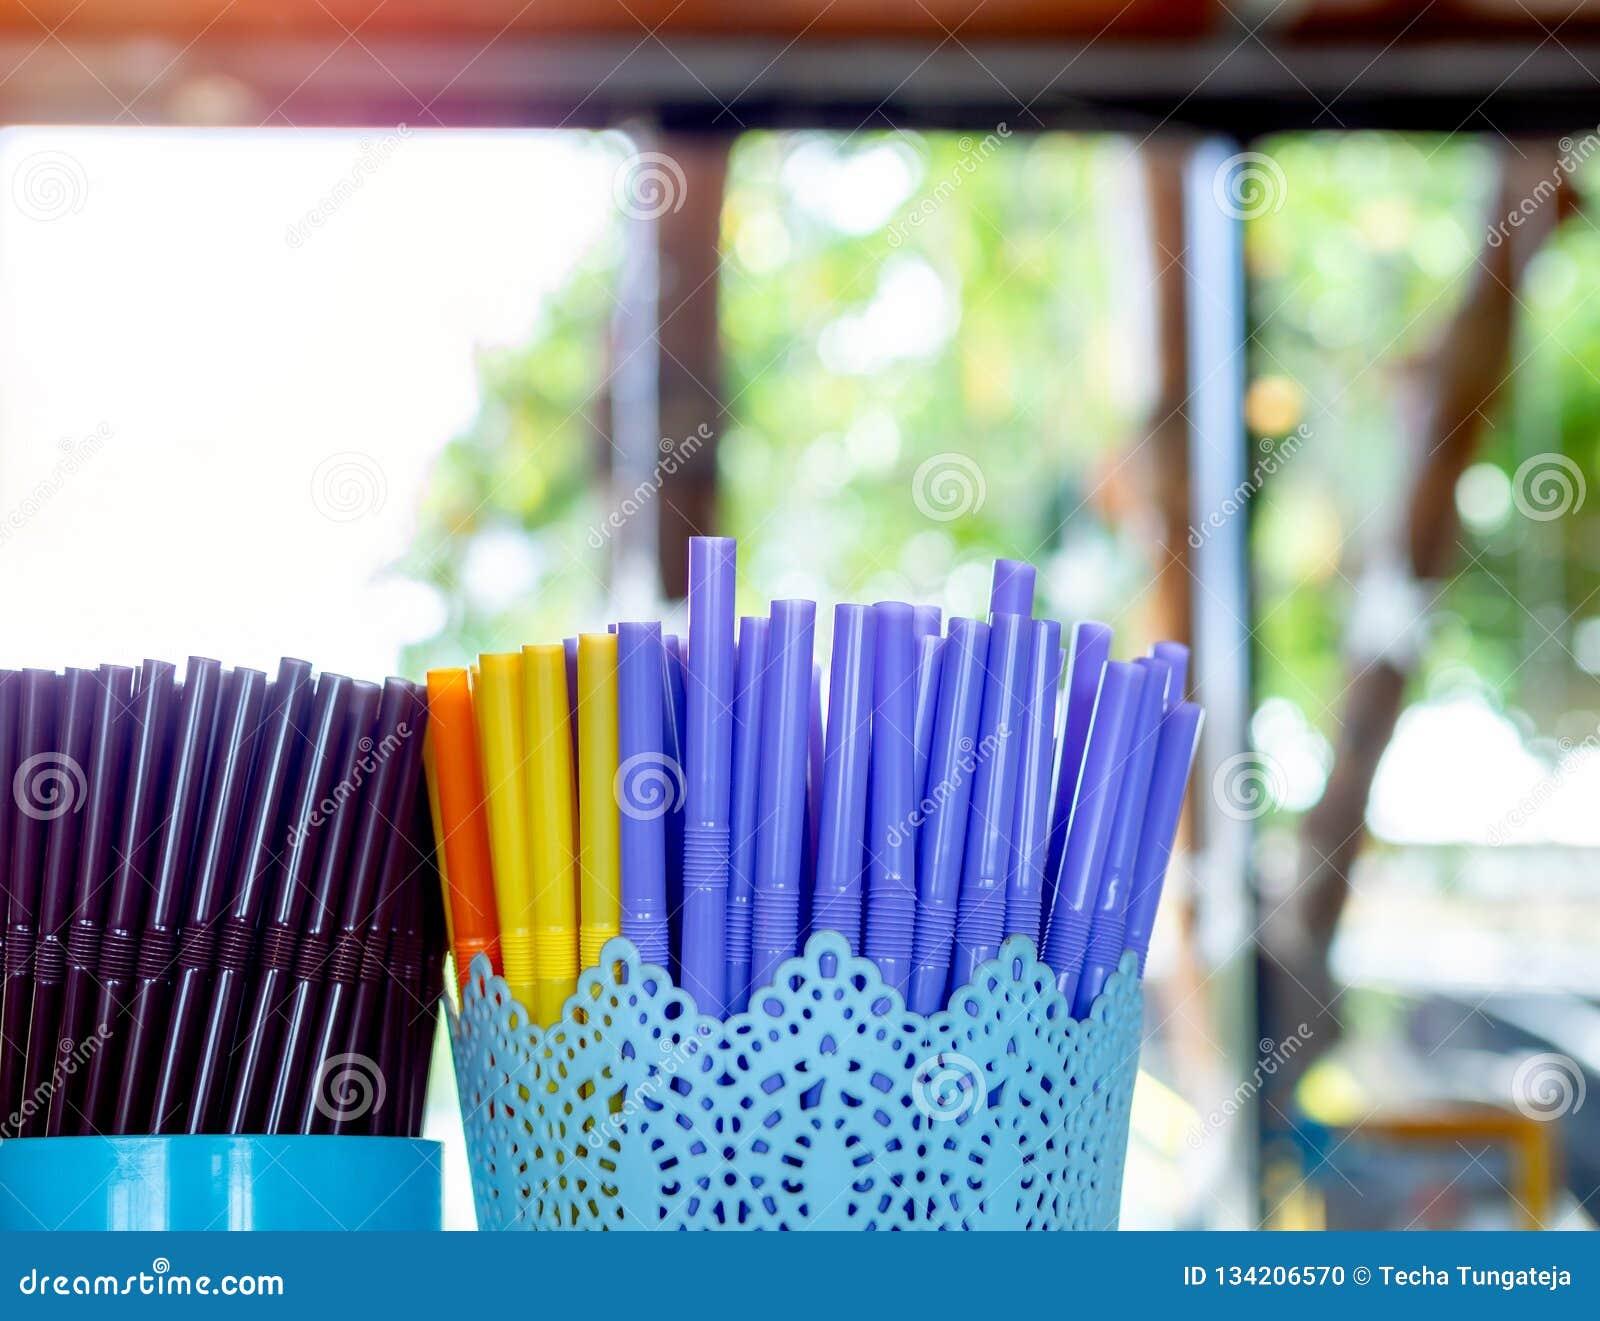 Paja plástica colorida en envase de plástico en cafetería